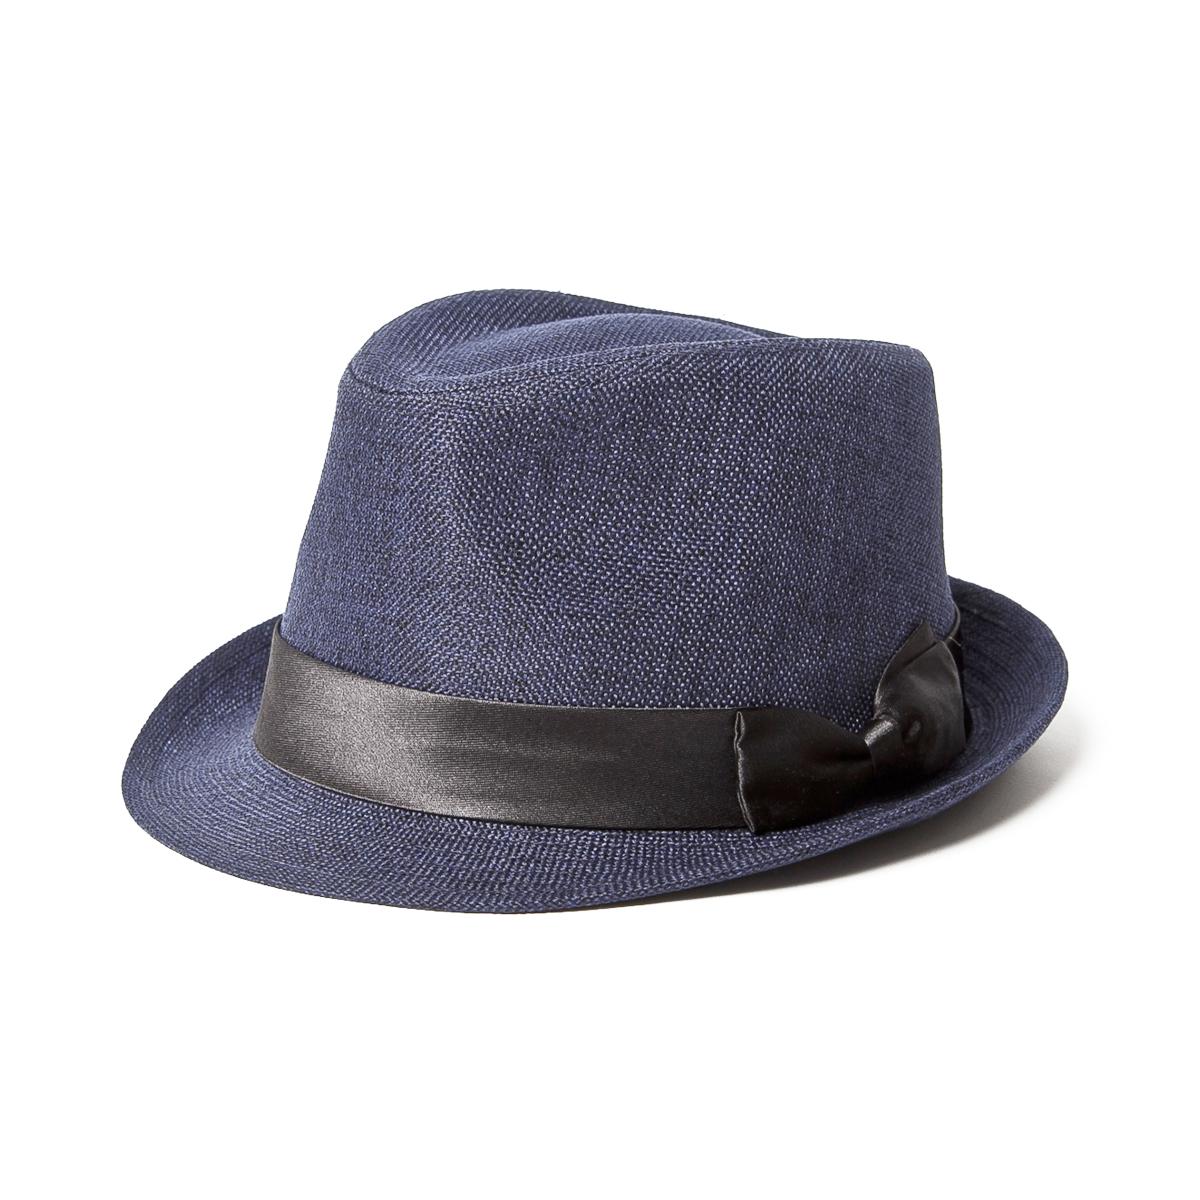 ベーシックエンチ Baron Hat バロンハット BASIQUENTI ユニセックス 帽子 ハット 中折れハット 麦わら ストロー ペーパー 夏 リバーアップ RIVER UP 日除け 通販 ファッション 楽ギフ 包装 楽ギフ メッセ入力